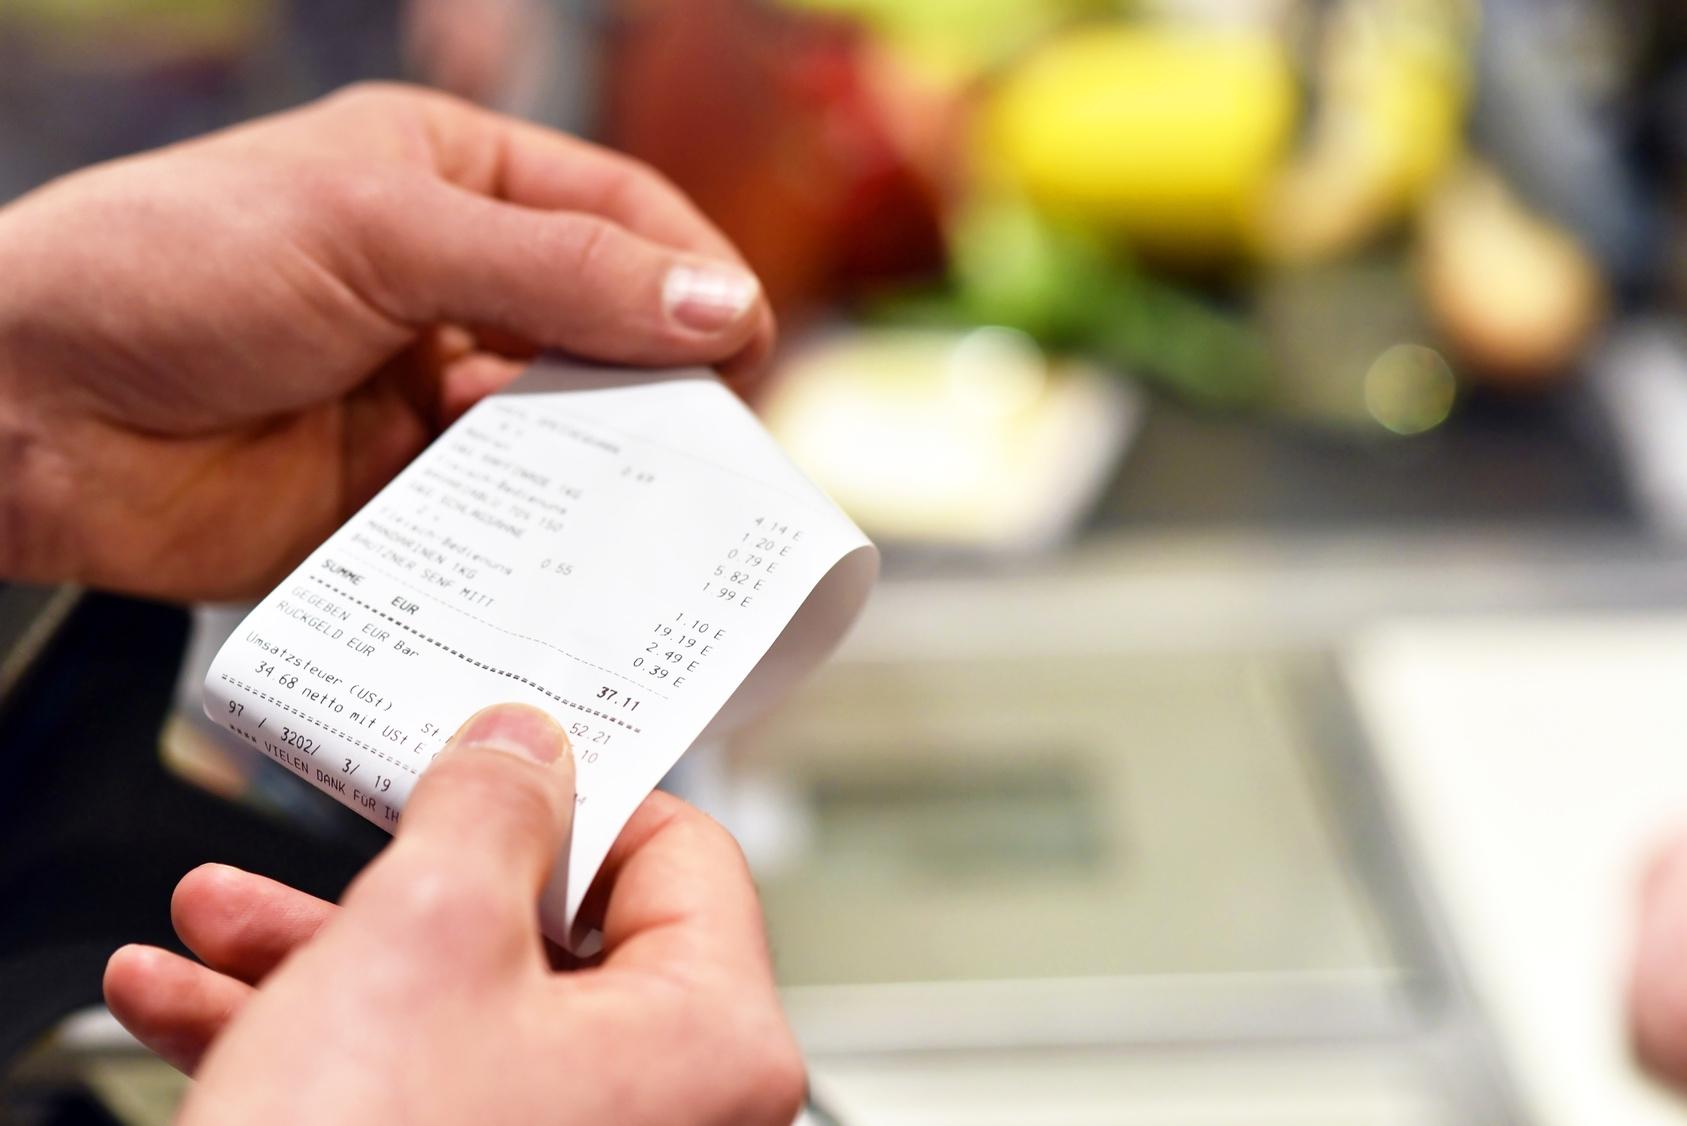 paragon fiskalny, faktura uprszczona, faktura VAT, odliczenie podatku, sprzedaż, rozliczenia podatkowe, doradca podatkowy, księgowy,